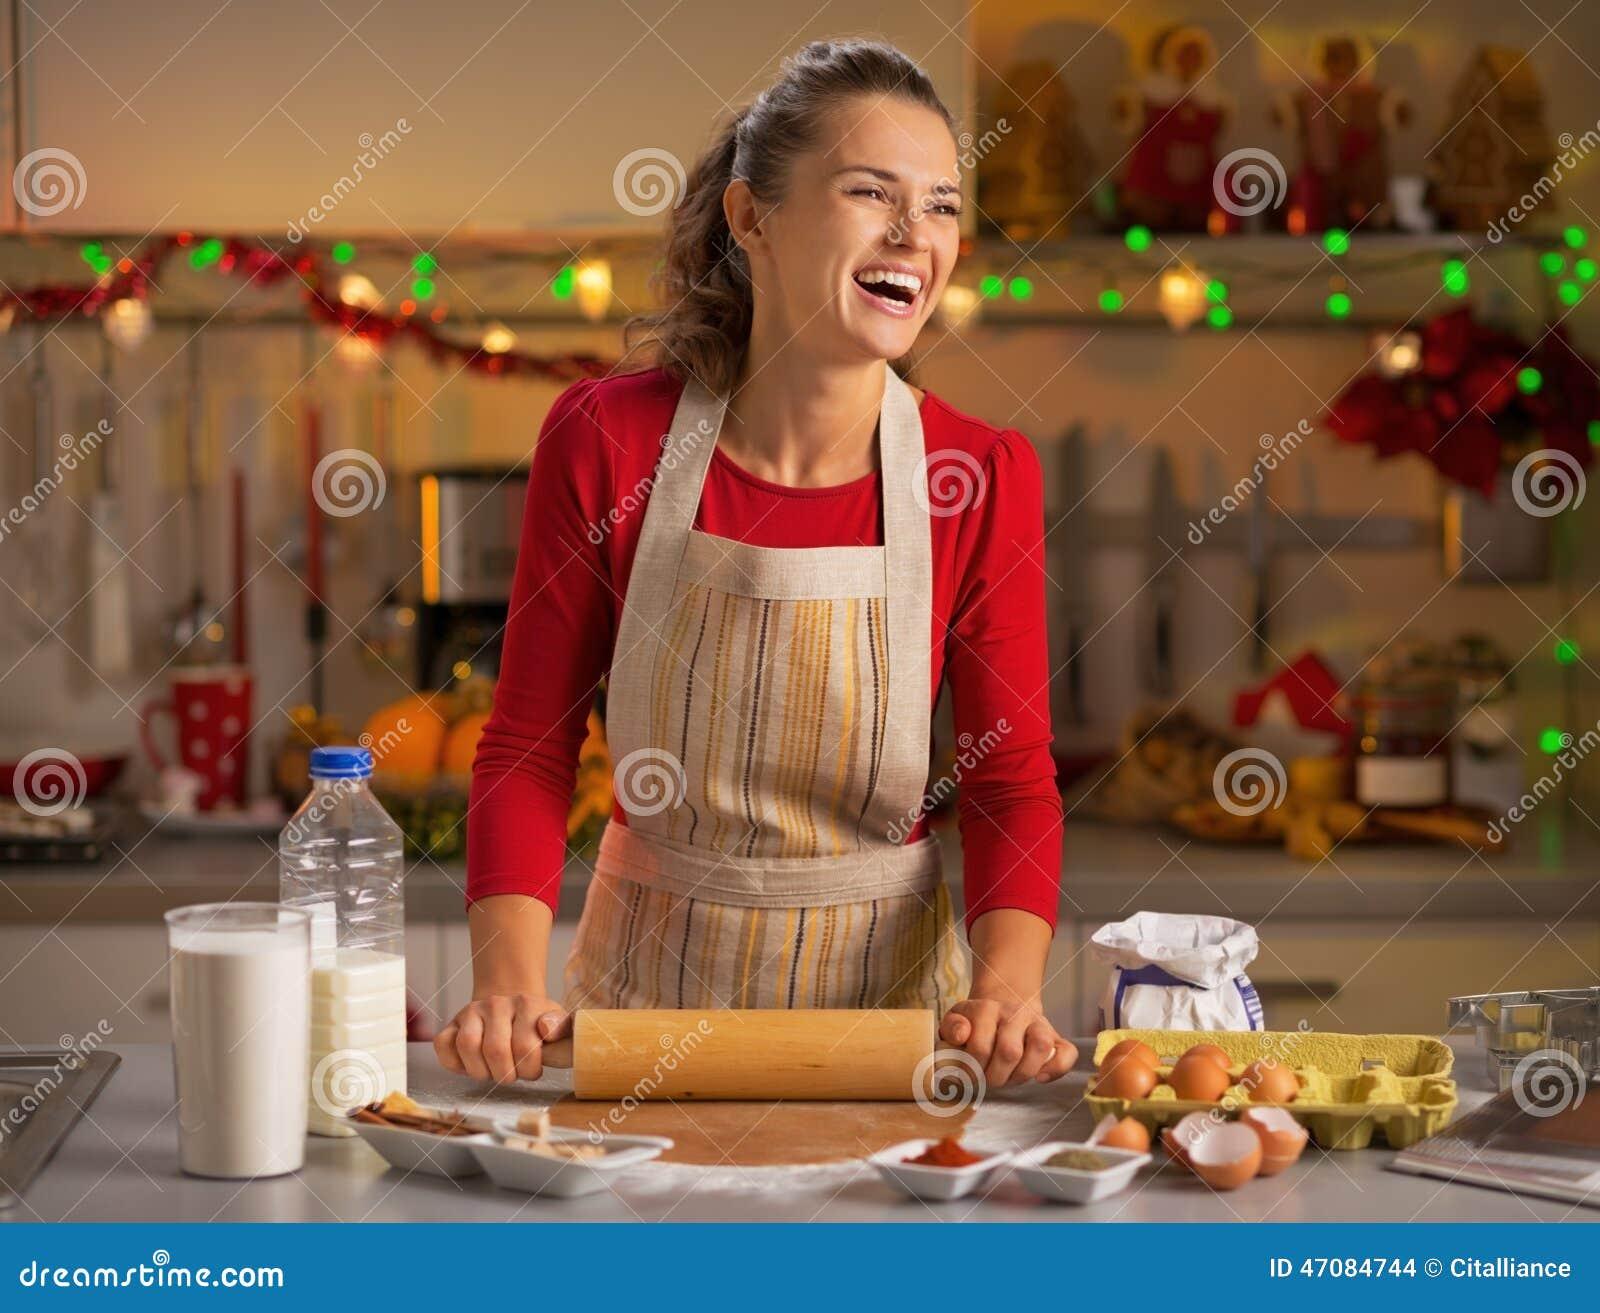 Hausfrau, Die Teig In Der Weihnachtsküche Macht Stockfoto - Bild von ...